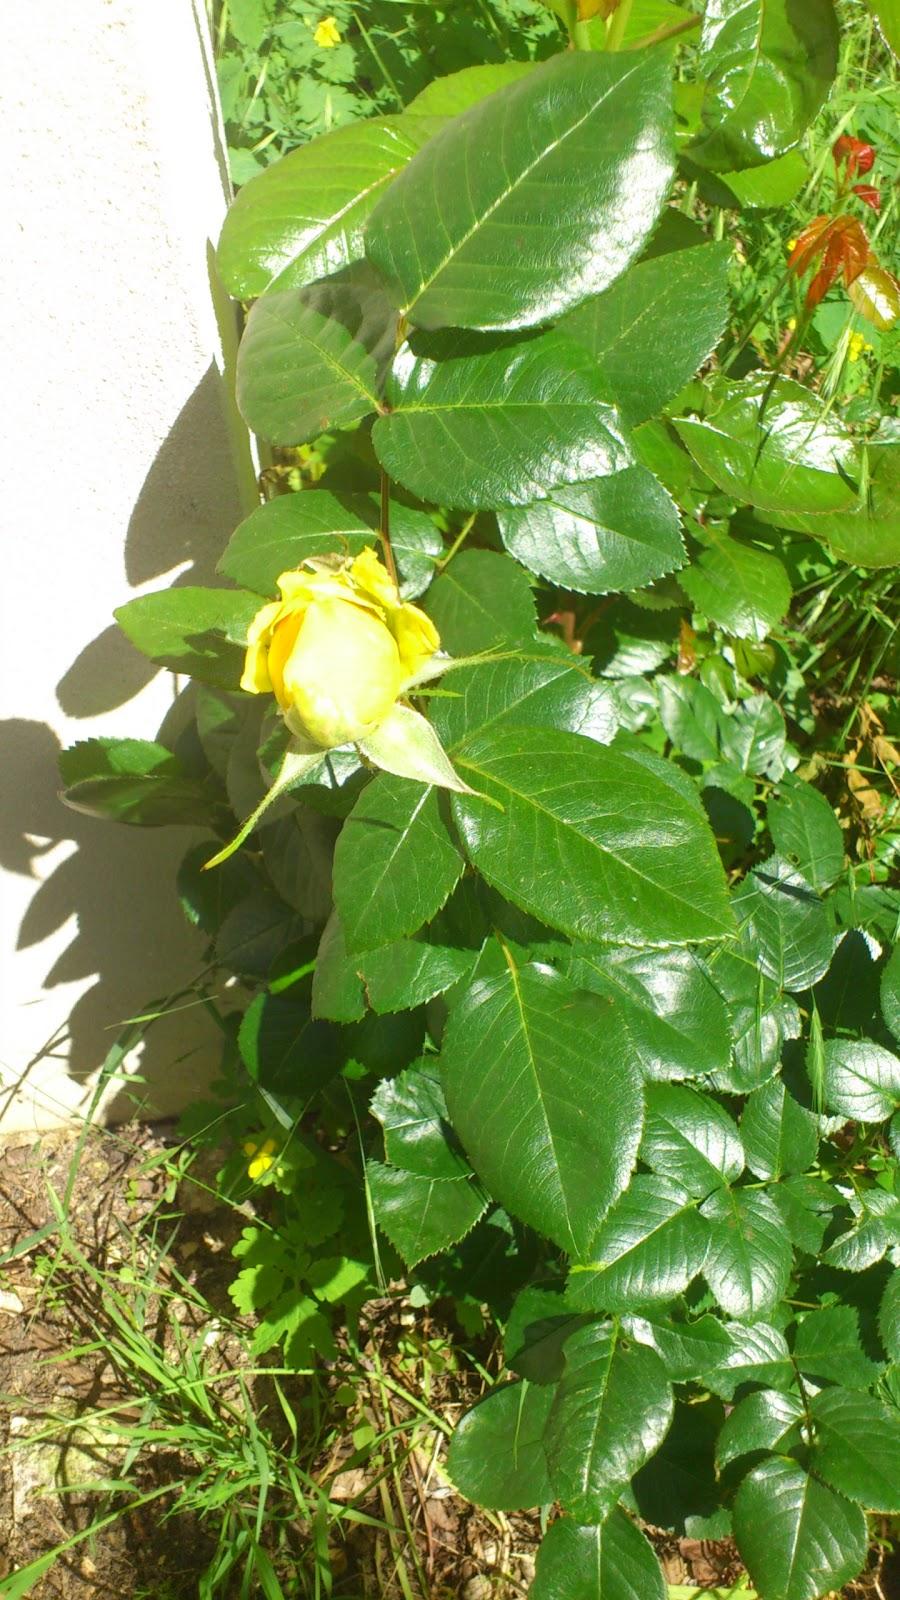 vie et naissance d 39 une rose jaune association du bois dormoy. Black Bedroom Furniture Sets. Home Design Ideas